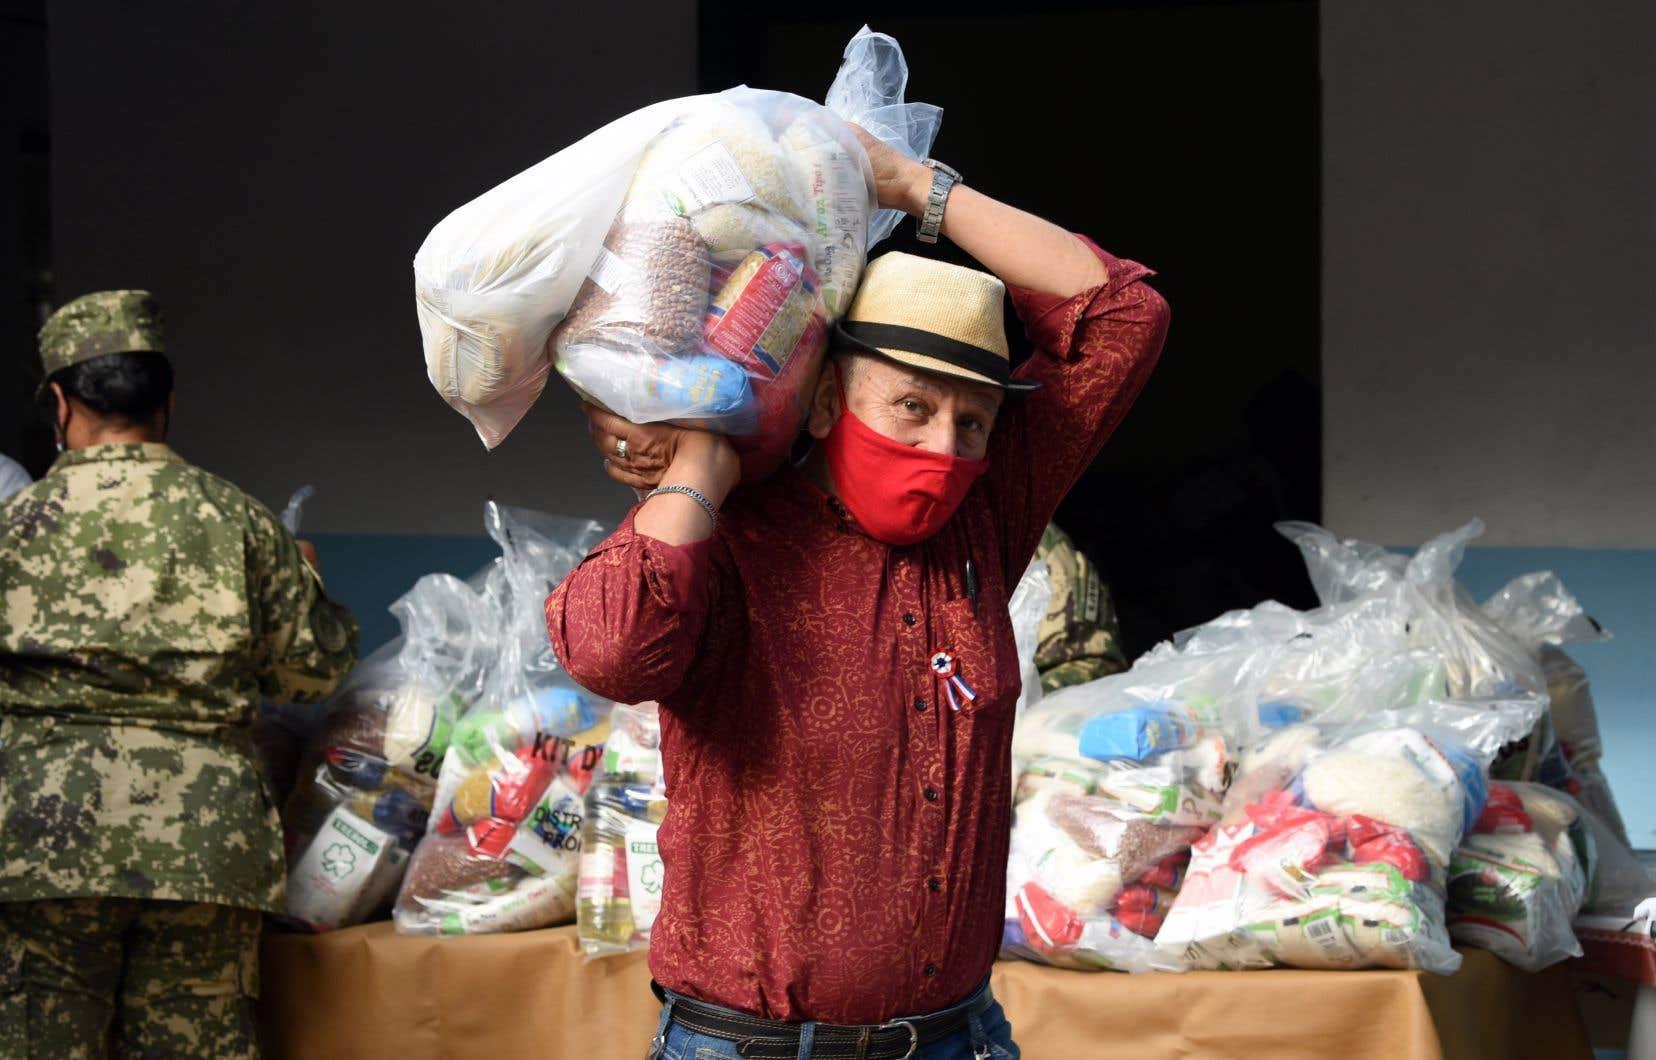 Des denrées sont distribuées par l'armée au Paraguay. Plus de 25 000 citoyens y ont perdu leur emploi à cause de la pandémie.